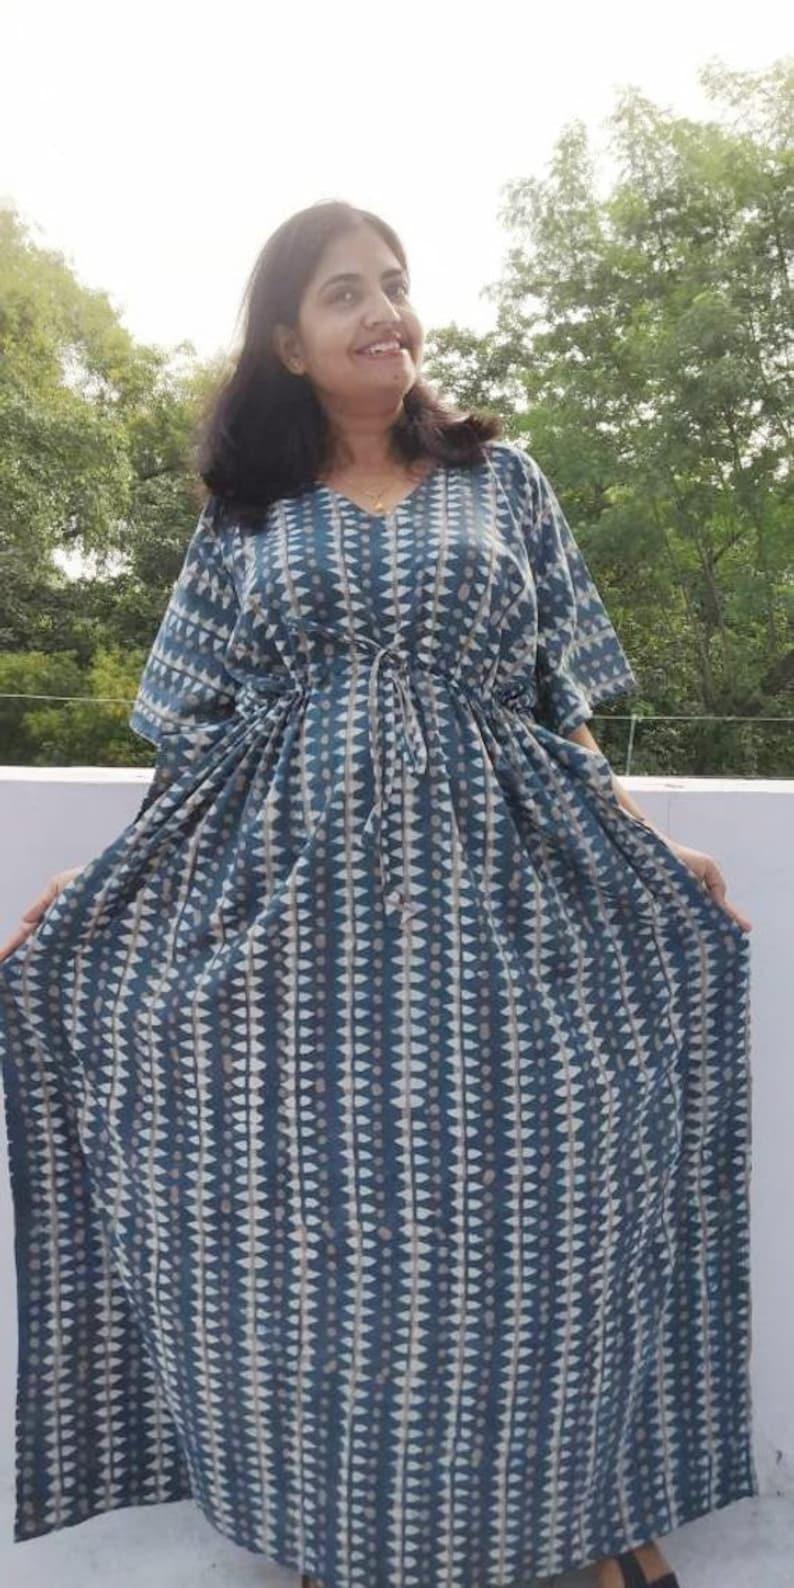 bf365306b82 Cotton Kimono Robe Plus size maxi dress kaftan Indian hand